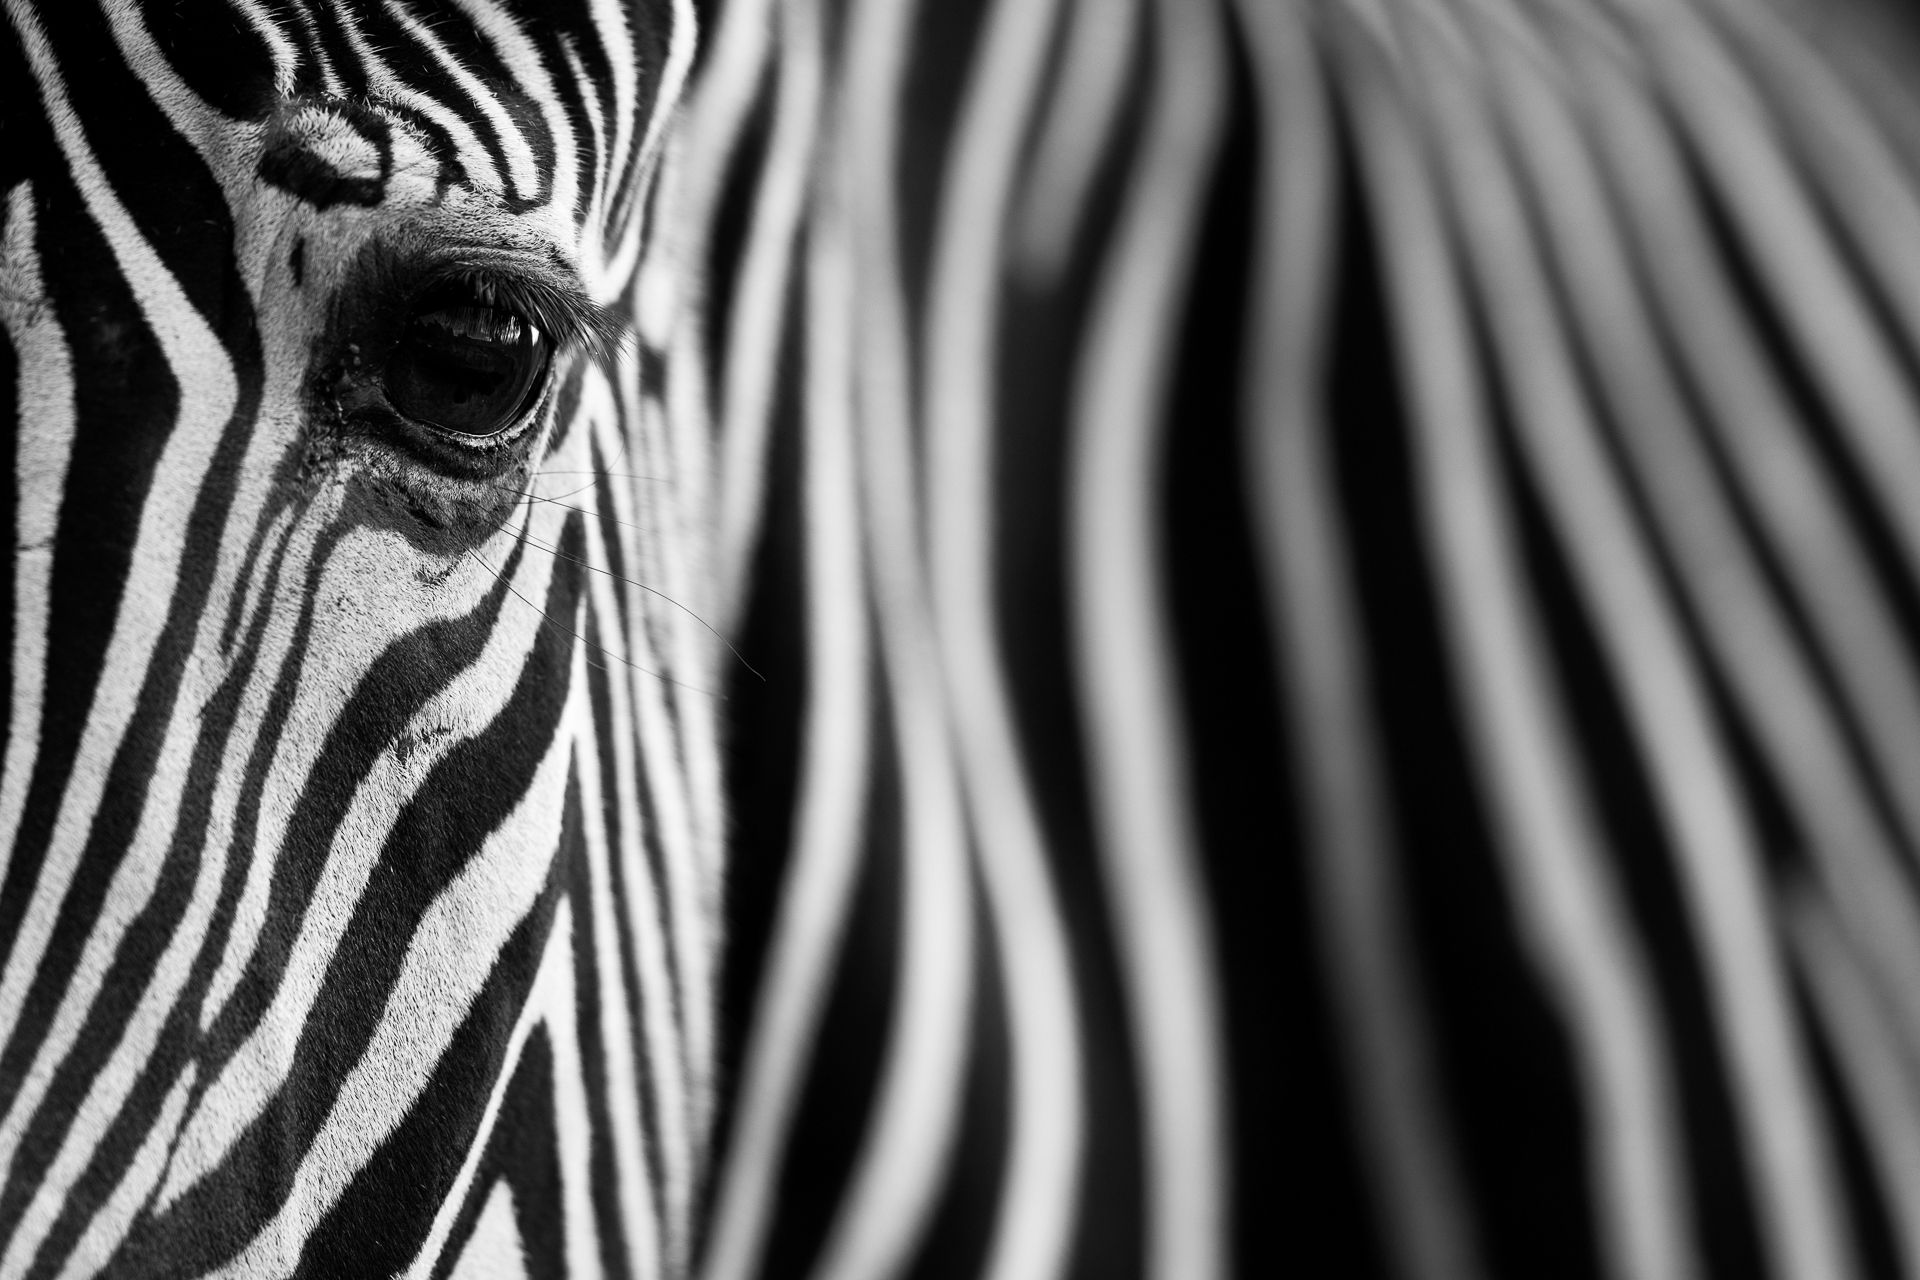 Eye & Stripes